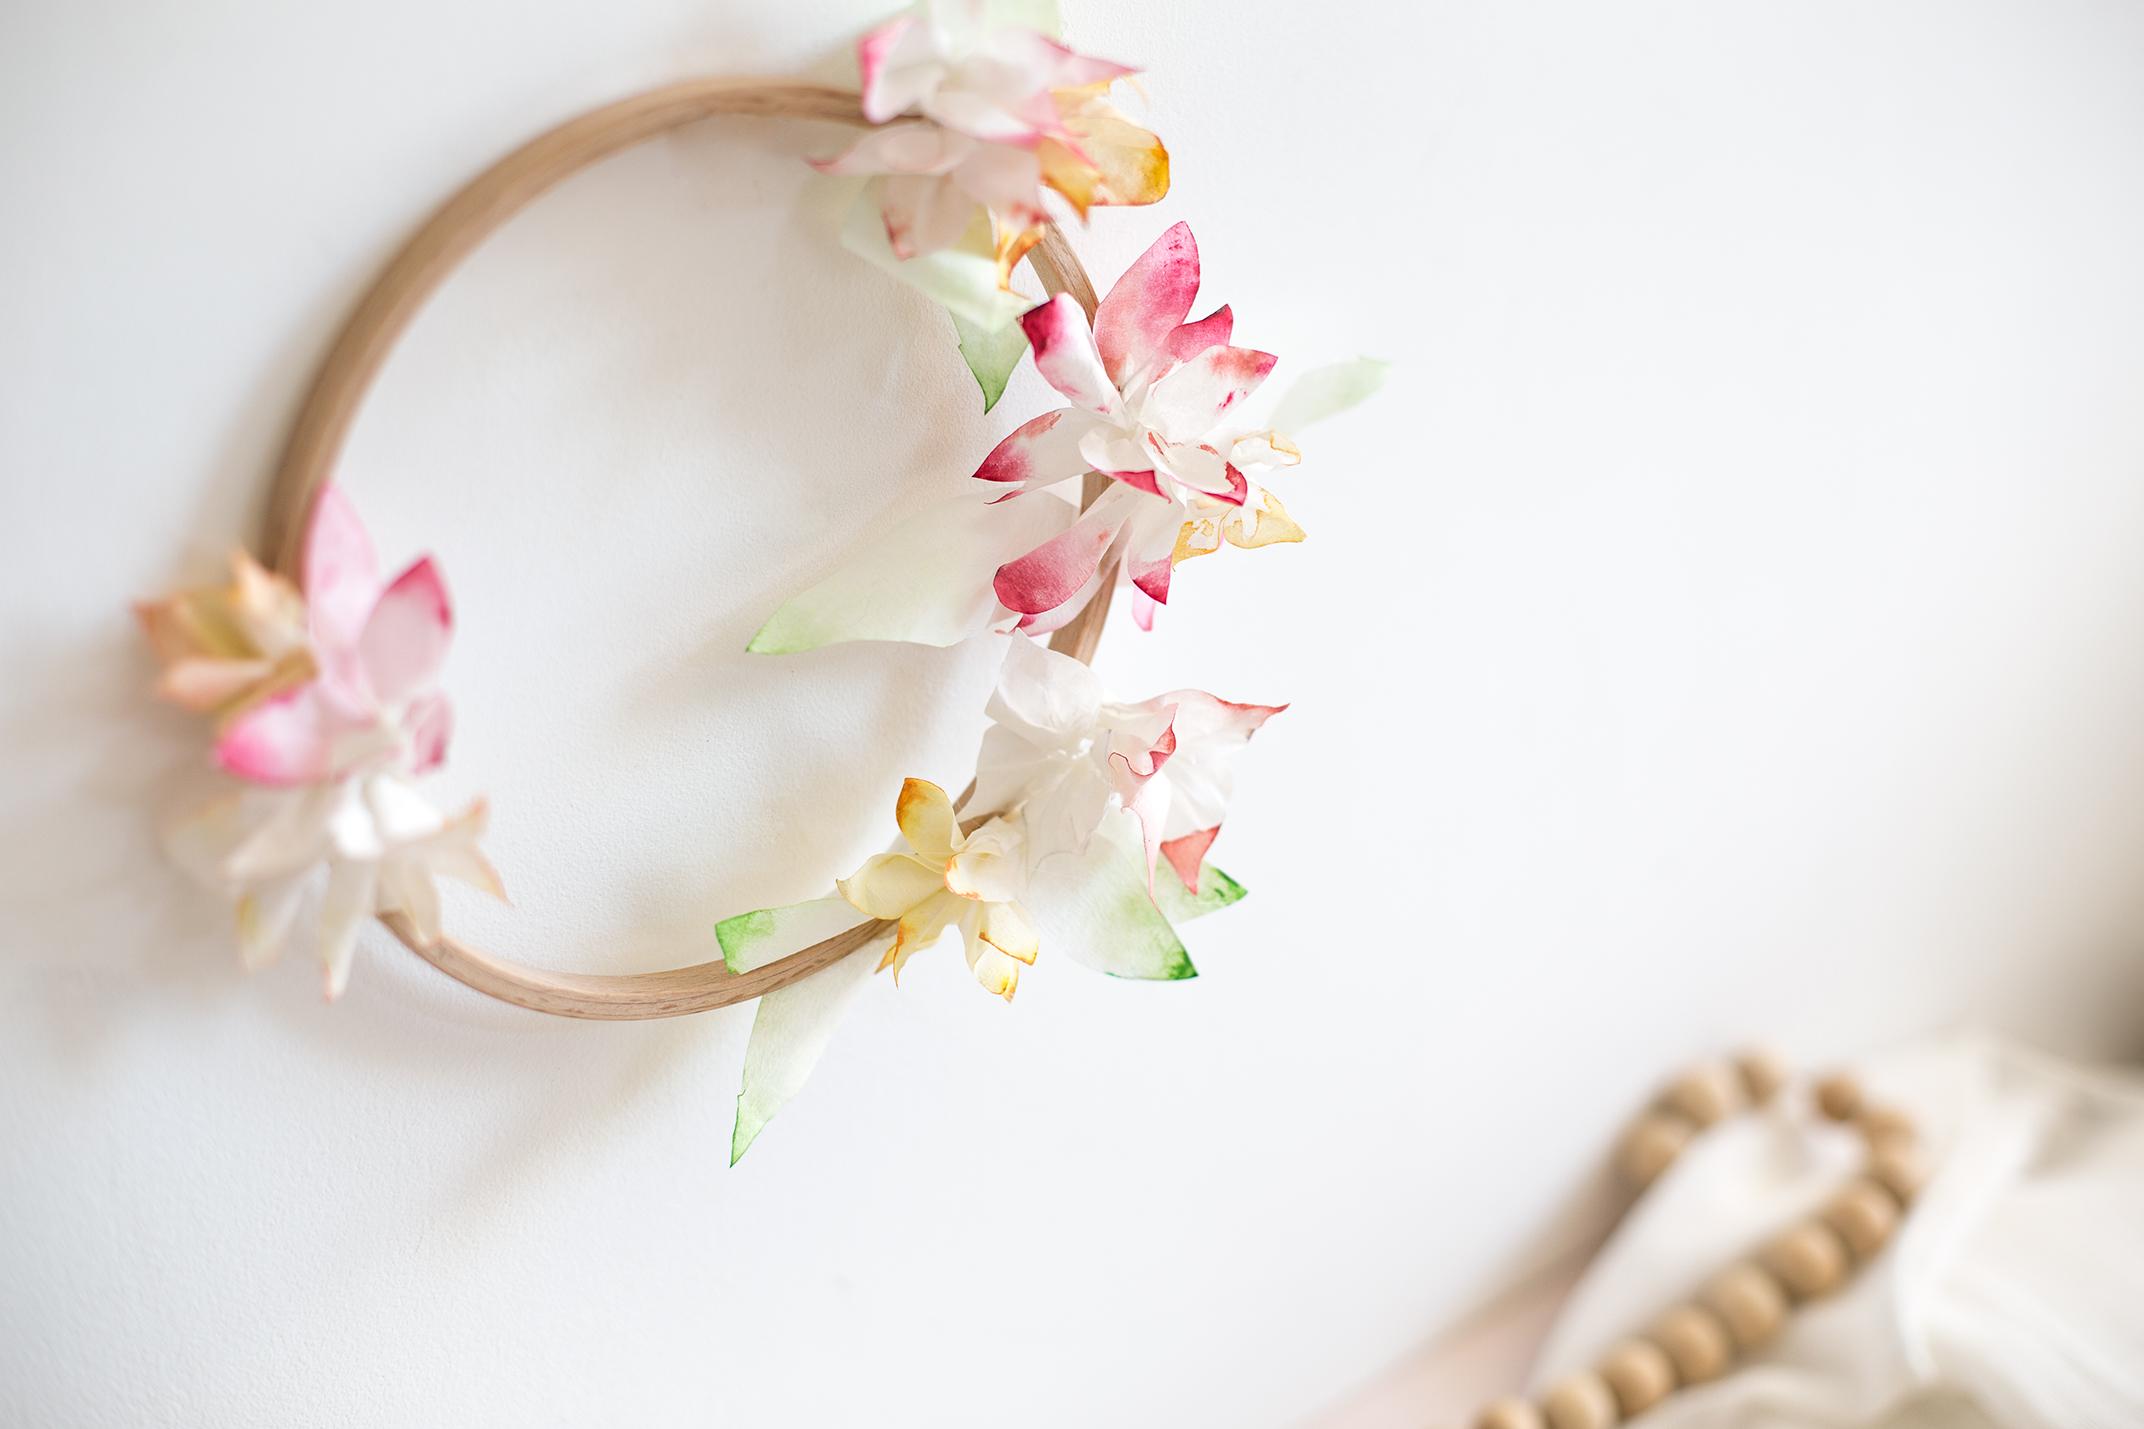 Faire une couronne de fleurs fashion designs - Faire une couronne de fleurs ...